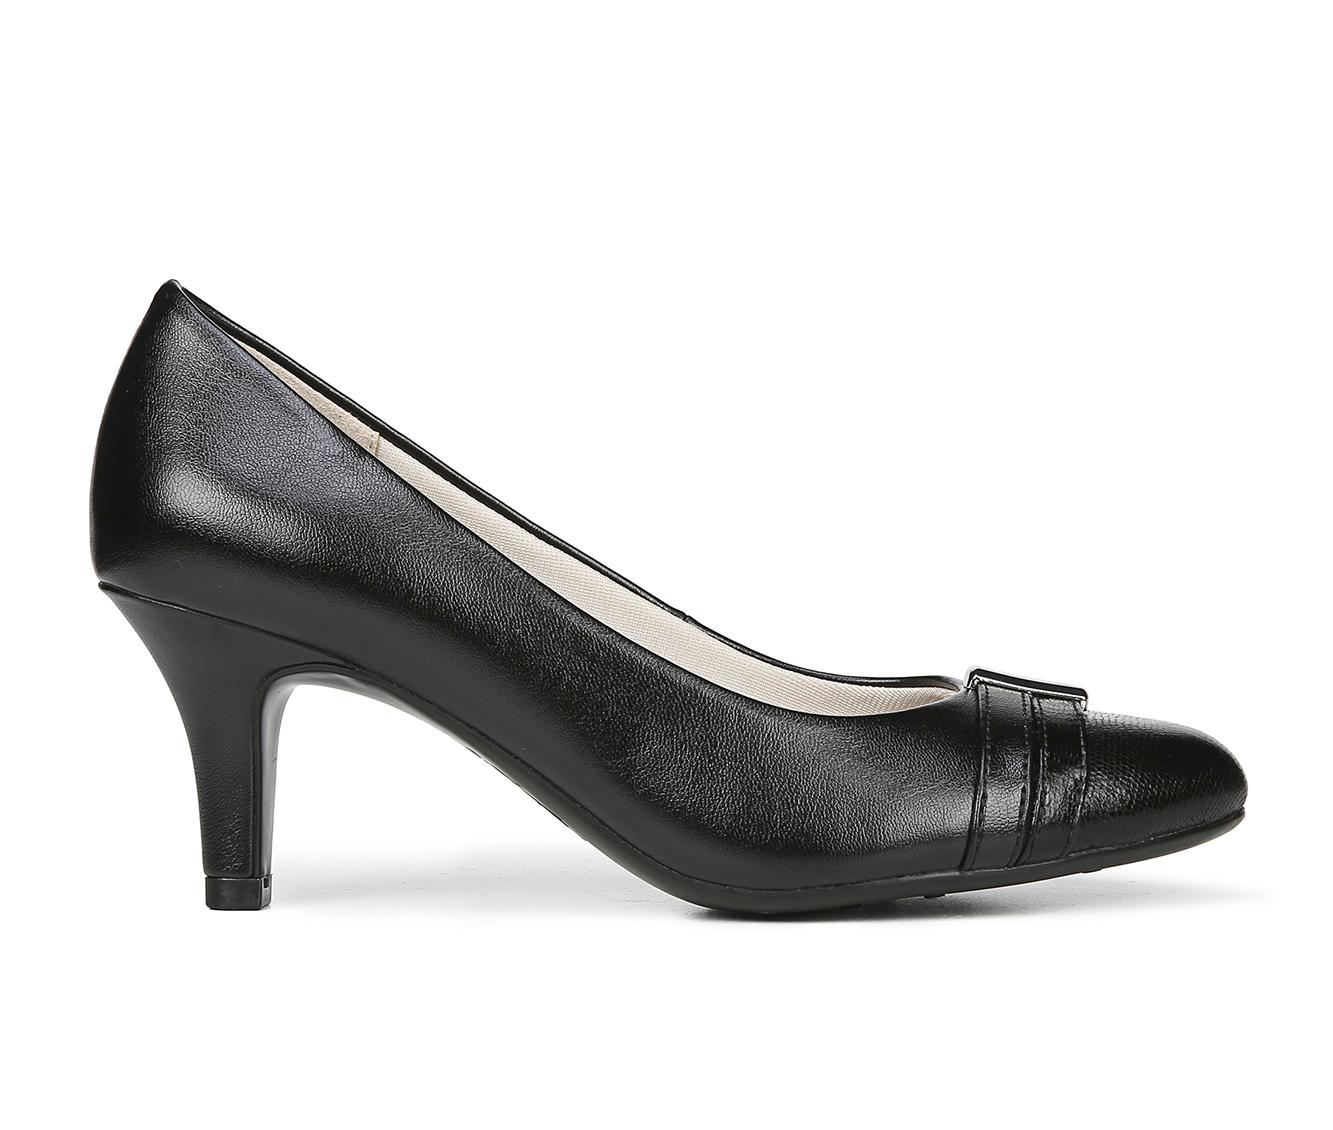 LifeStride Paisley Women's Dress Shoe (Black Faux Leather)